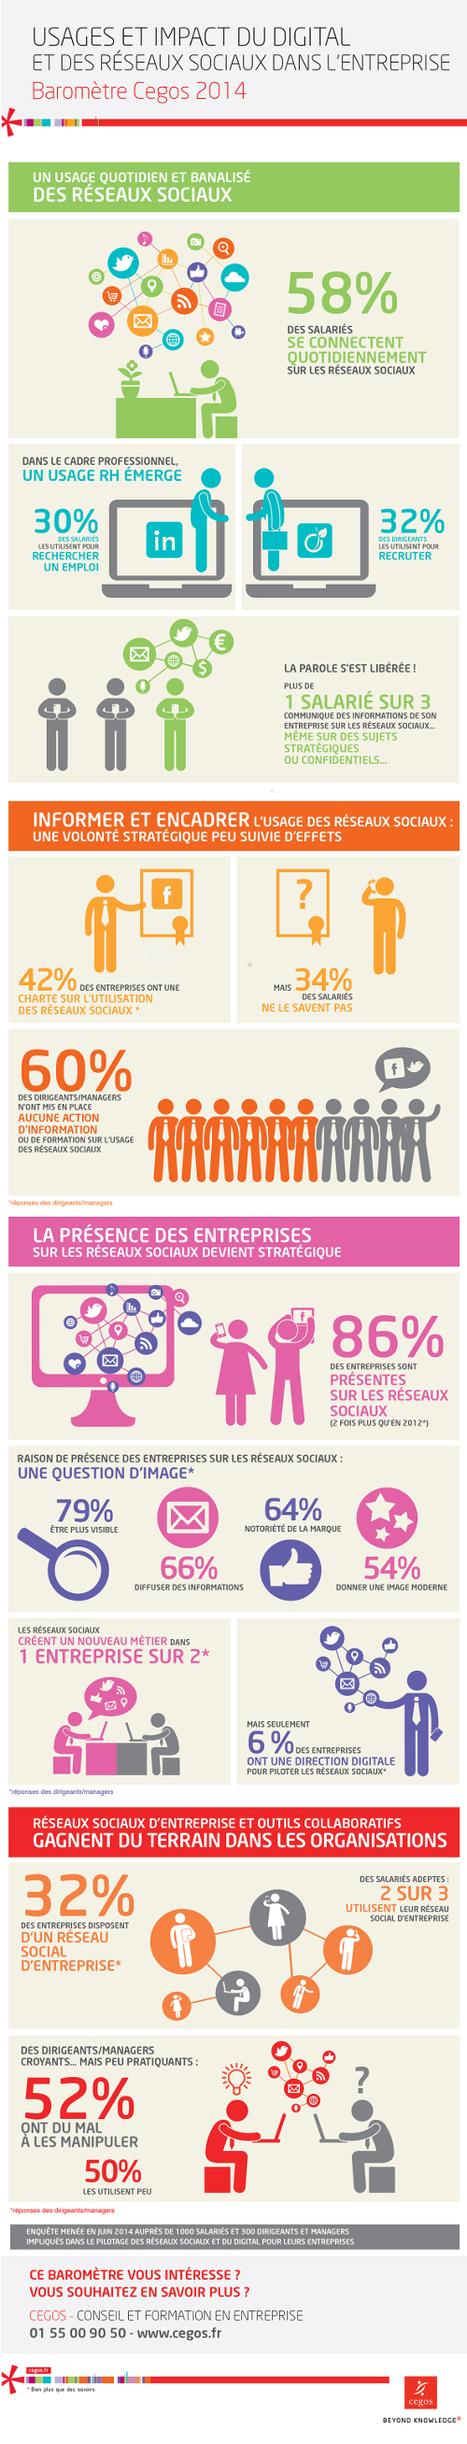 Infographie : Usages et impact du digital et des réseaux sociaux dans l'entreprise | Reseaux Sociaux, that is the question ? | Scoop.it